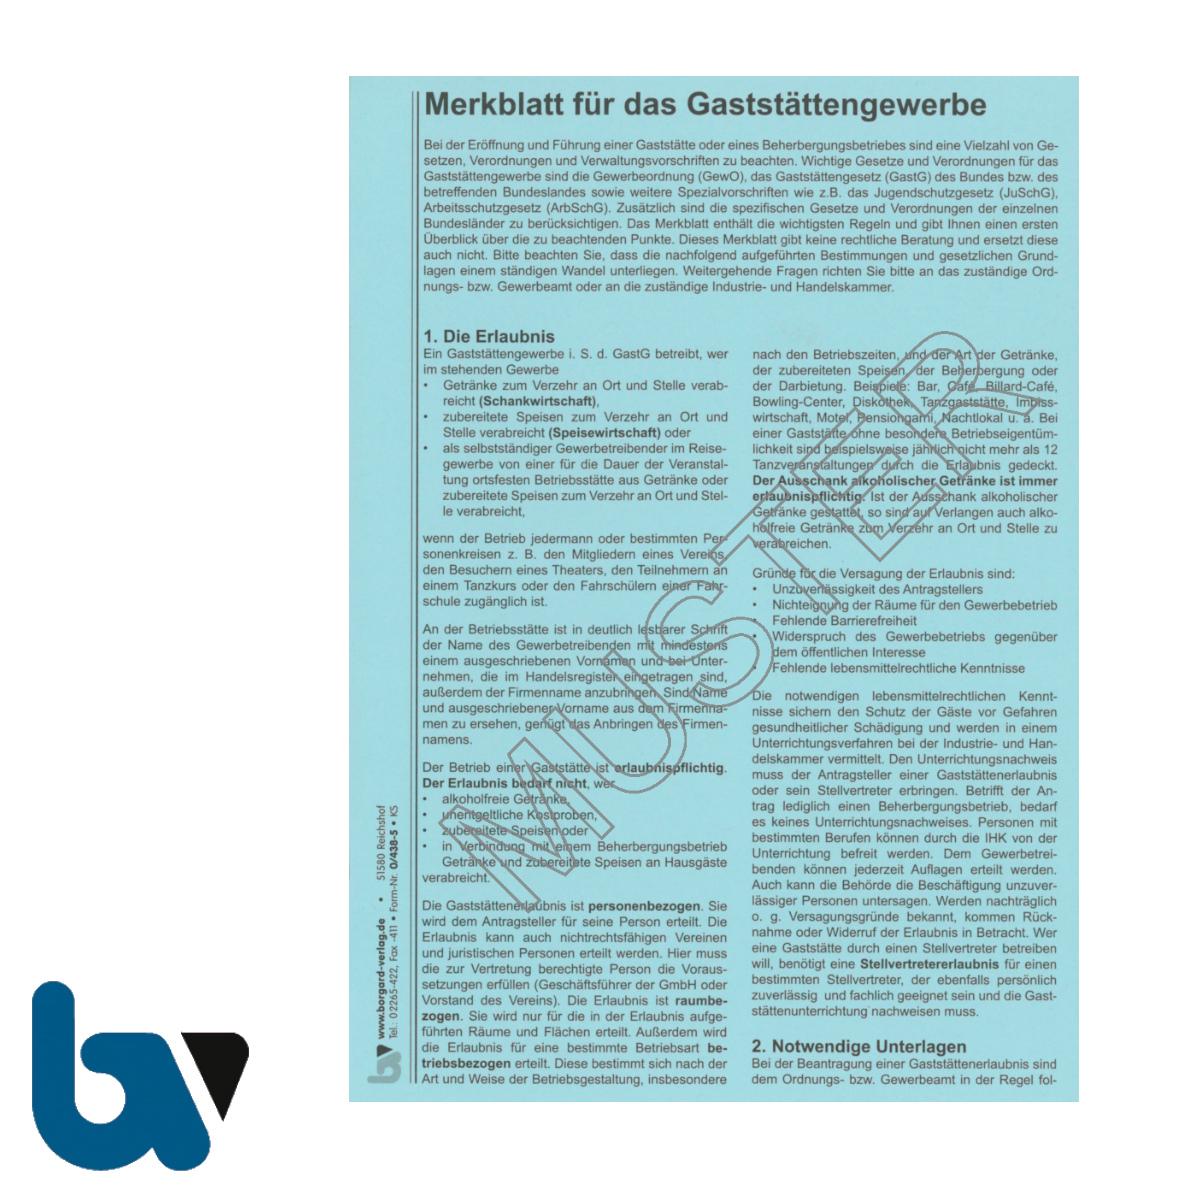 0/438-5 Merkblatt Gaststätte Gewerbe Gaststättengesetz Gewerbeordnung Jugendschutz Infektionsschutz Karton Heft DIN A5 Vorderseite | Borgard Verlag GmbH